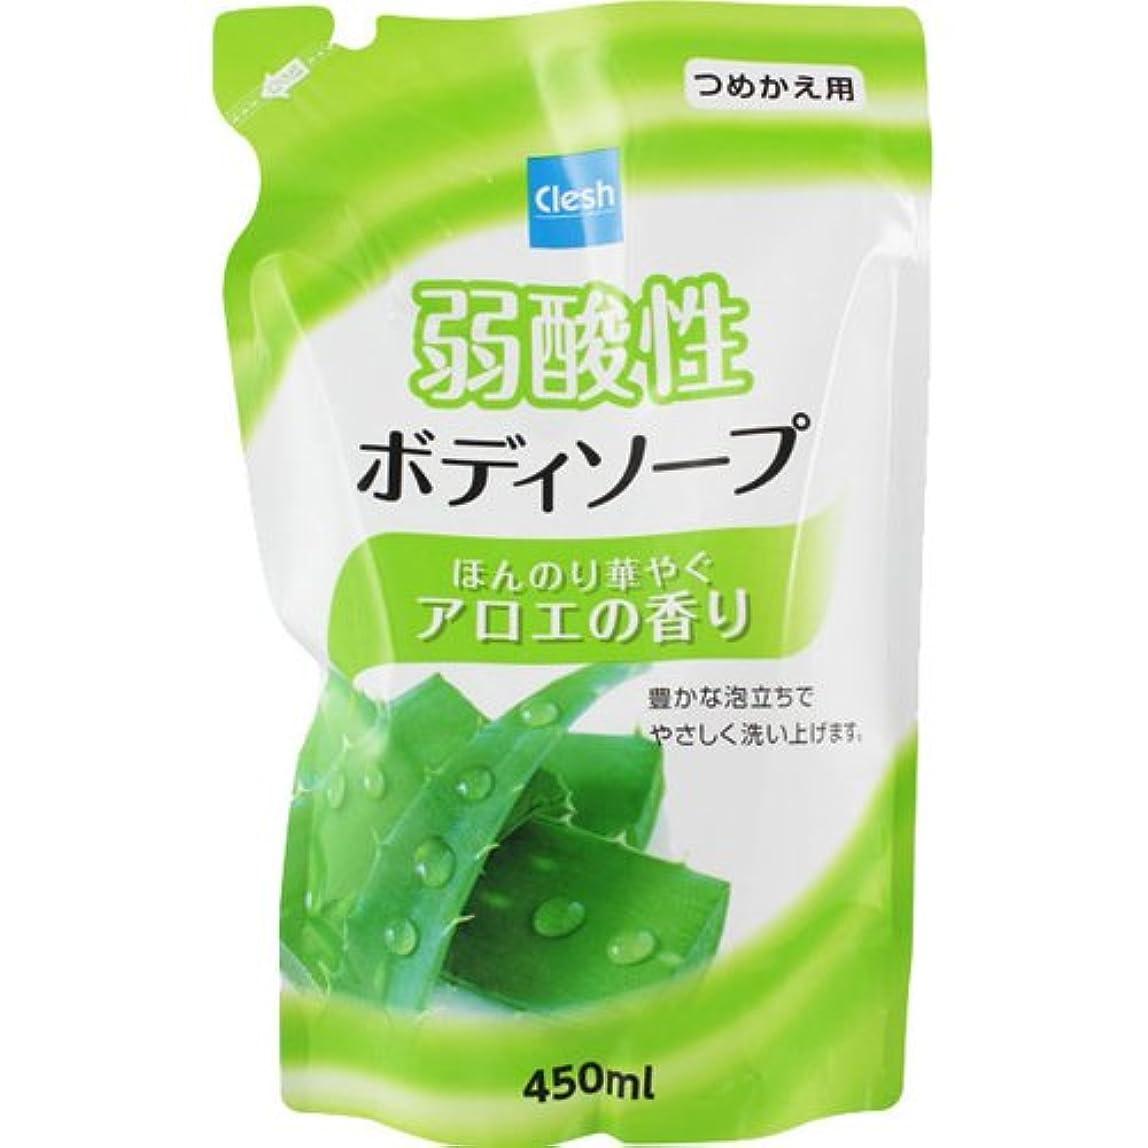 プール事プラカードClesh(クレシュ) 弱酸性ボディソープ アロエの香り つめかえ用 450ml